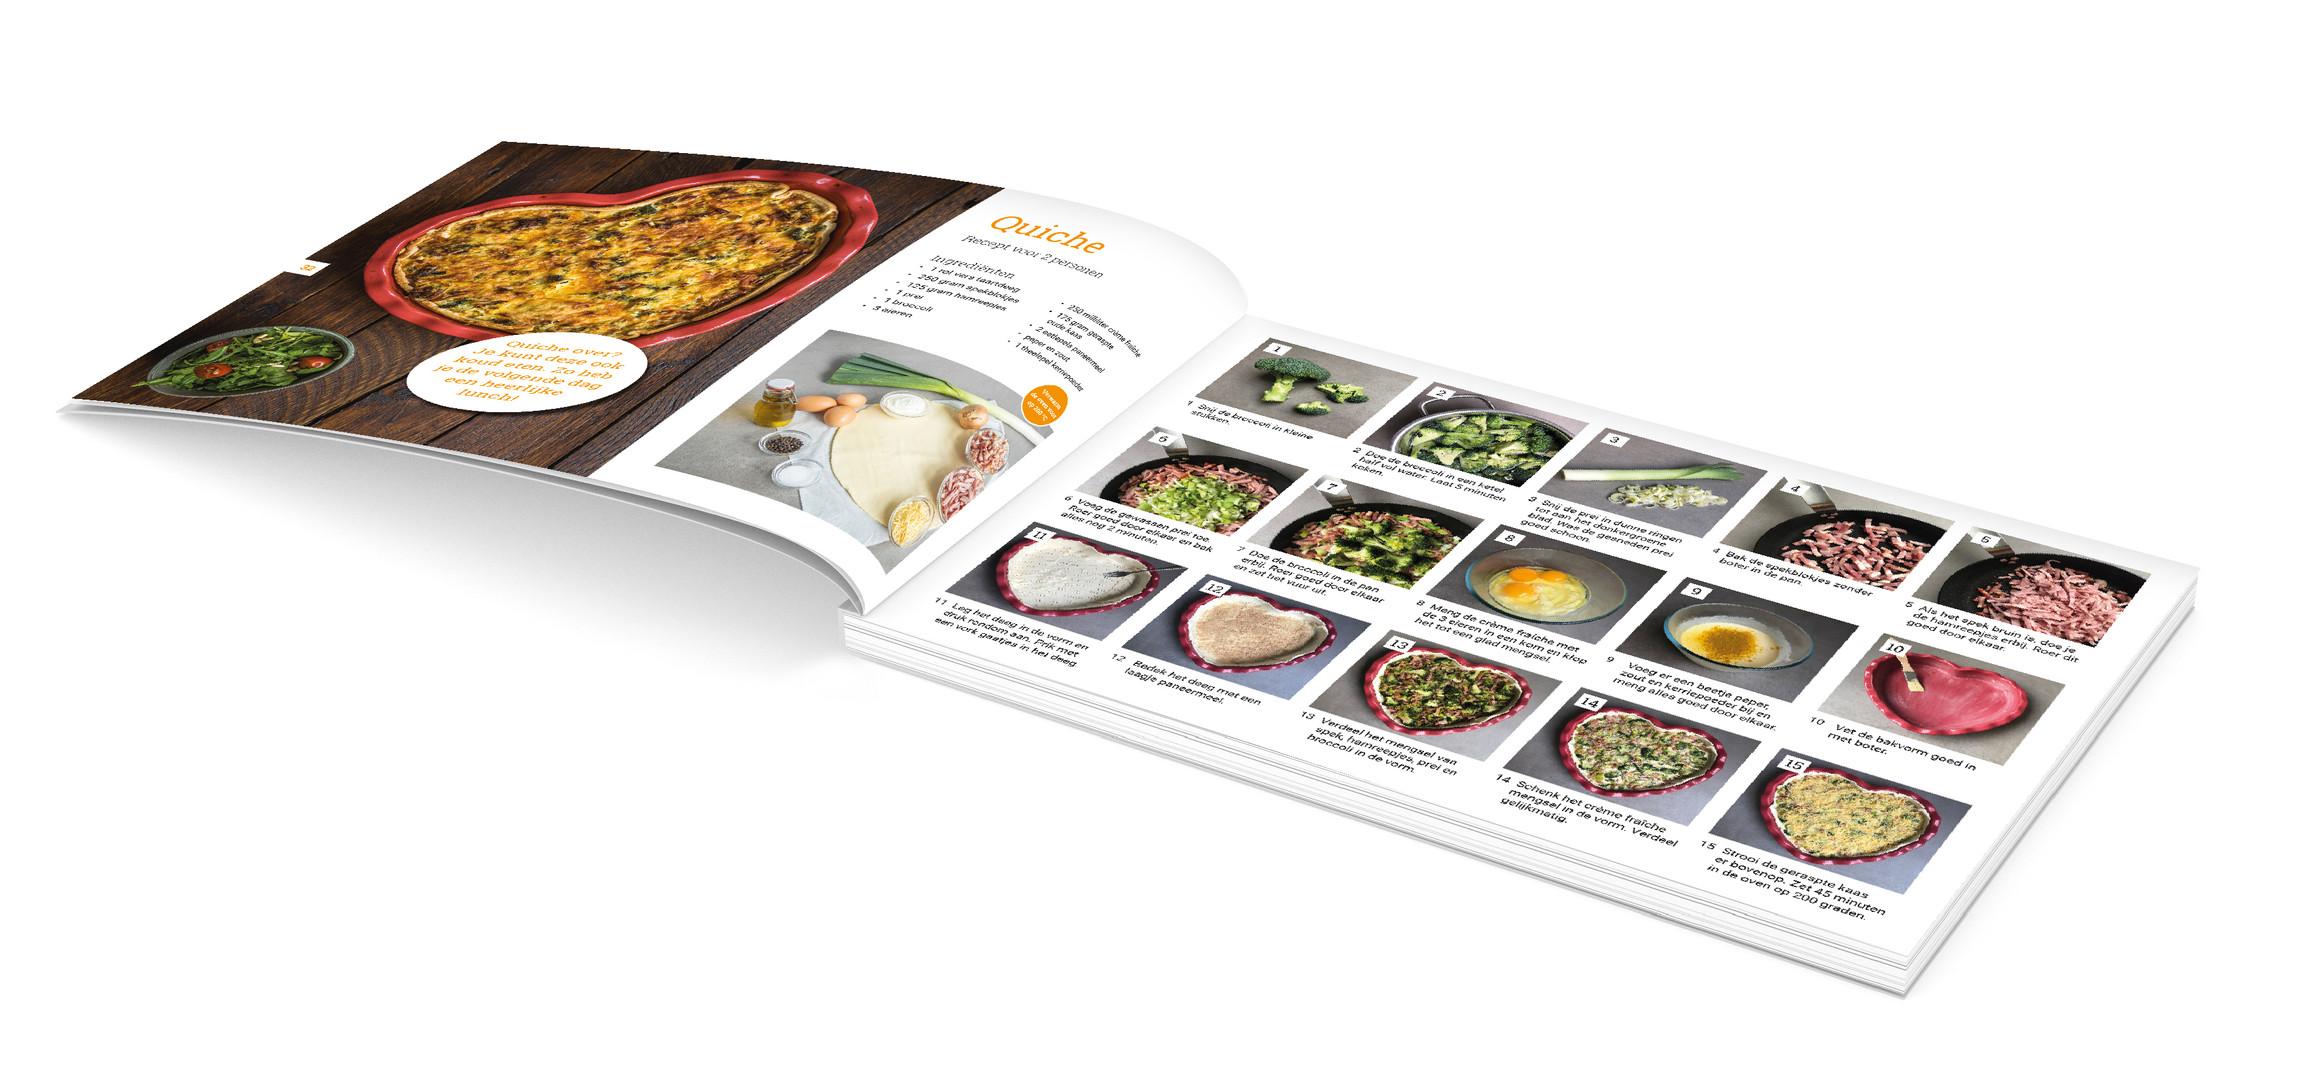 Kookboek_voorbeeld1.jpg